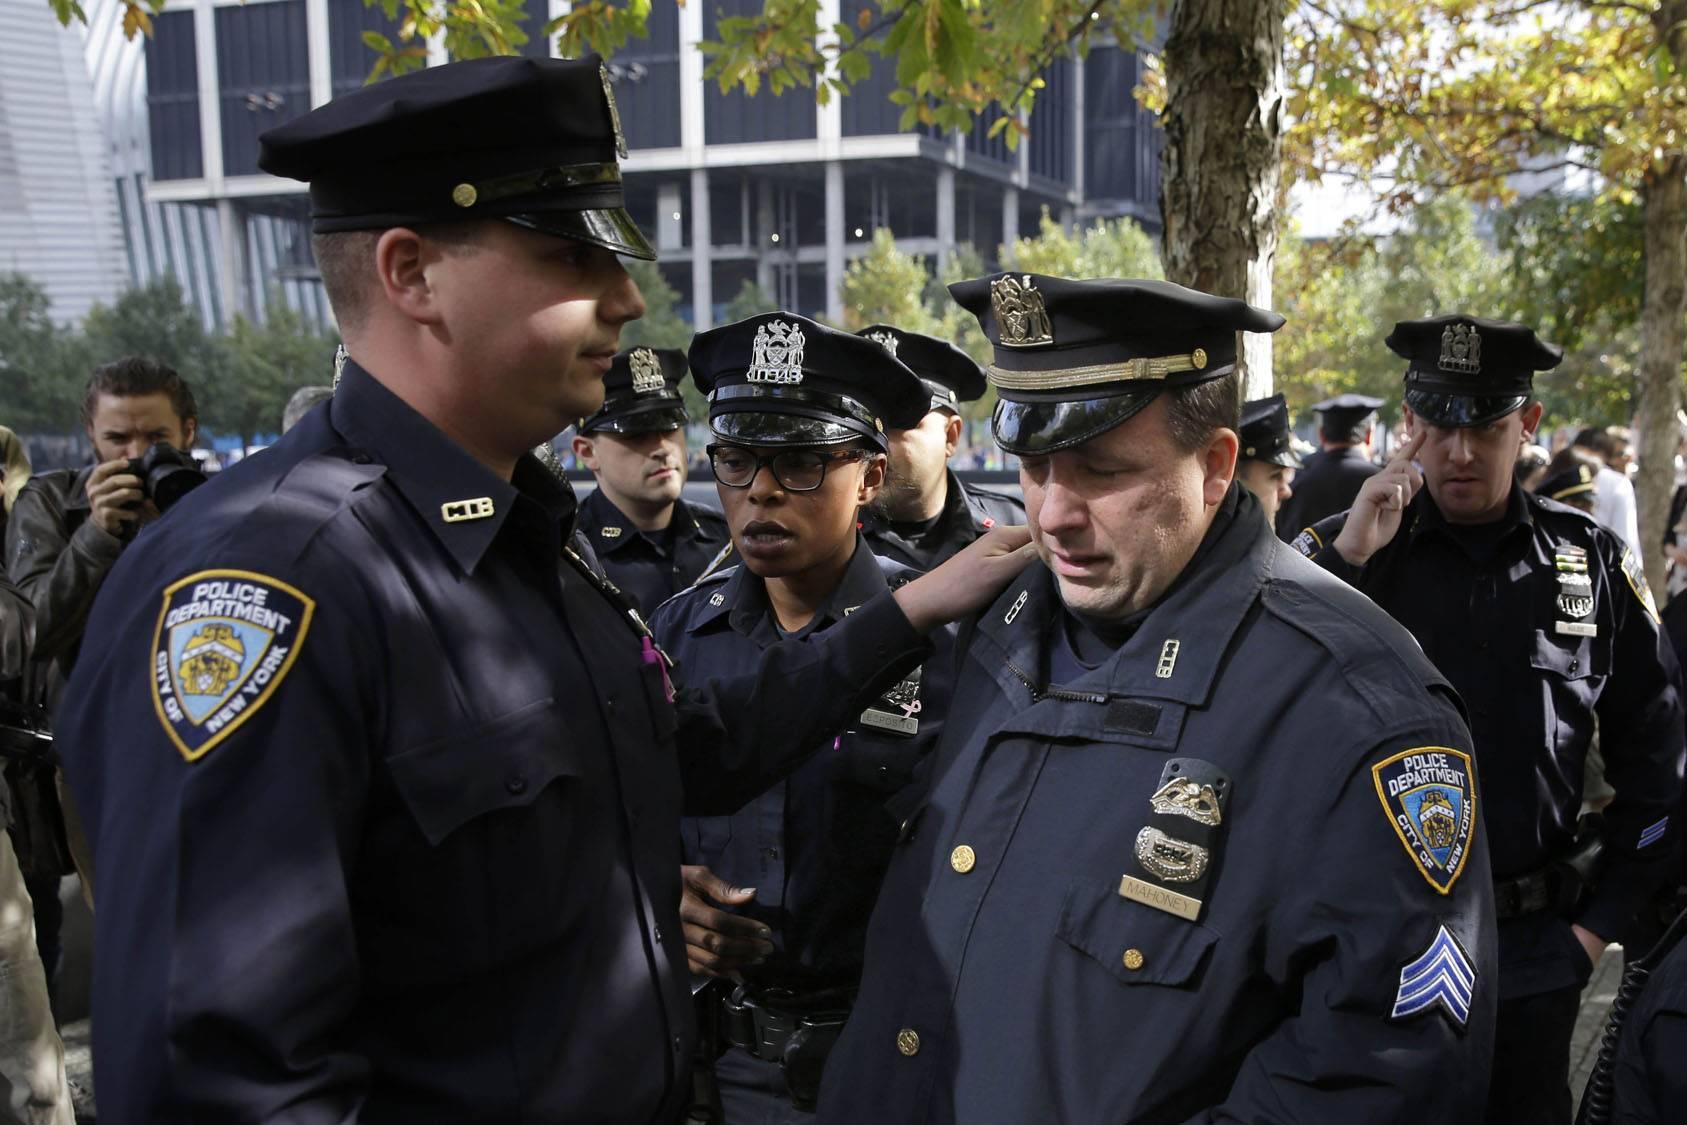 Как стать полицейским - требования для кандидатов